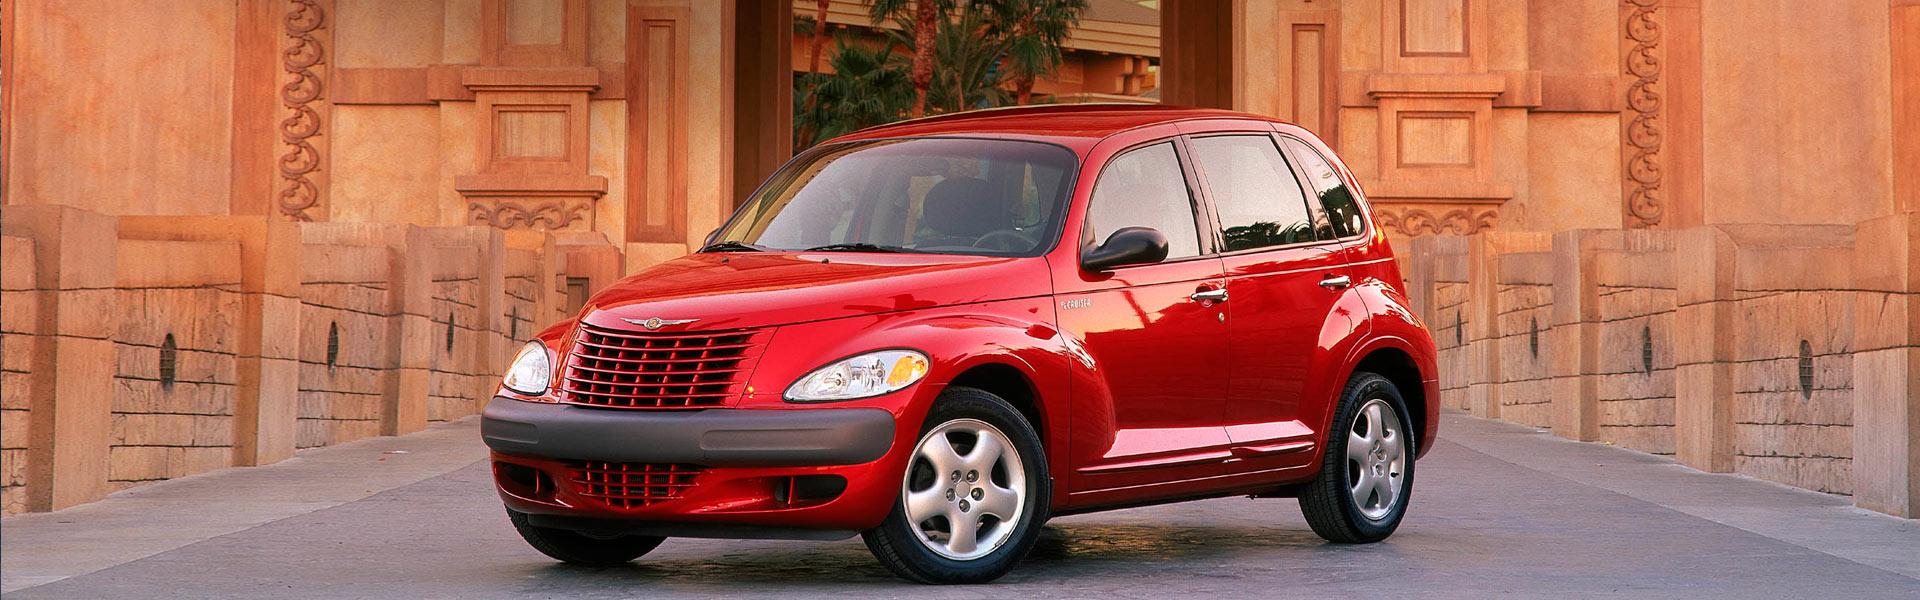 Запчасти на Chrysler PT Cruiser